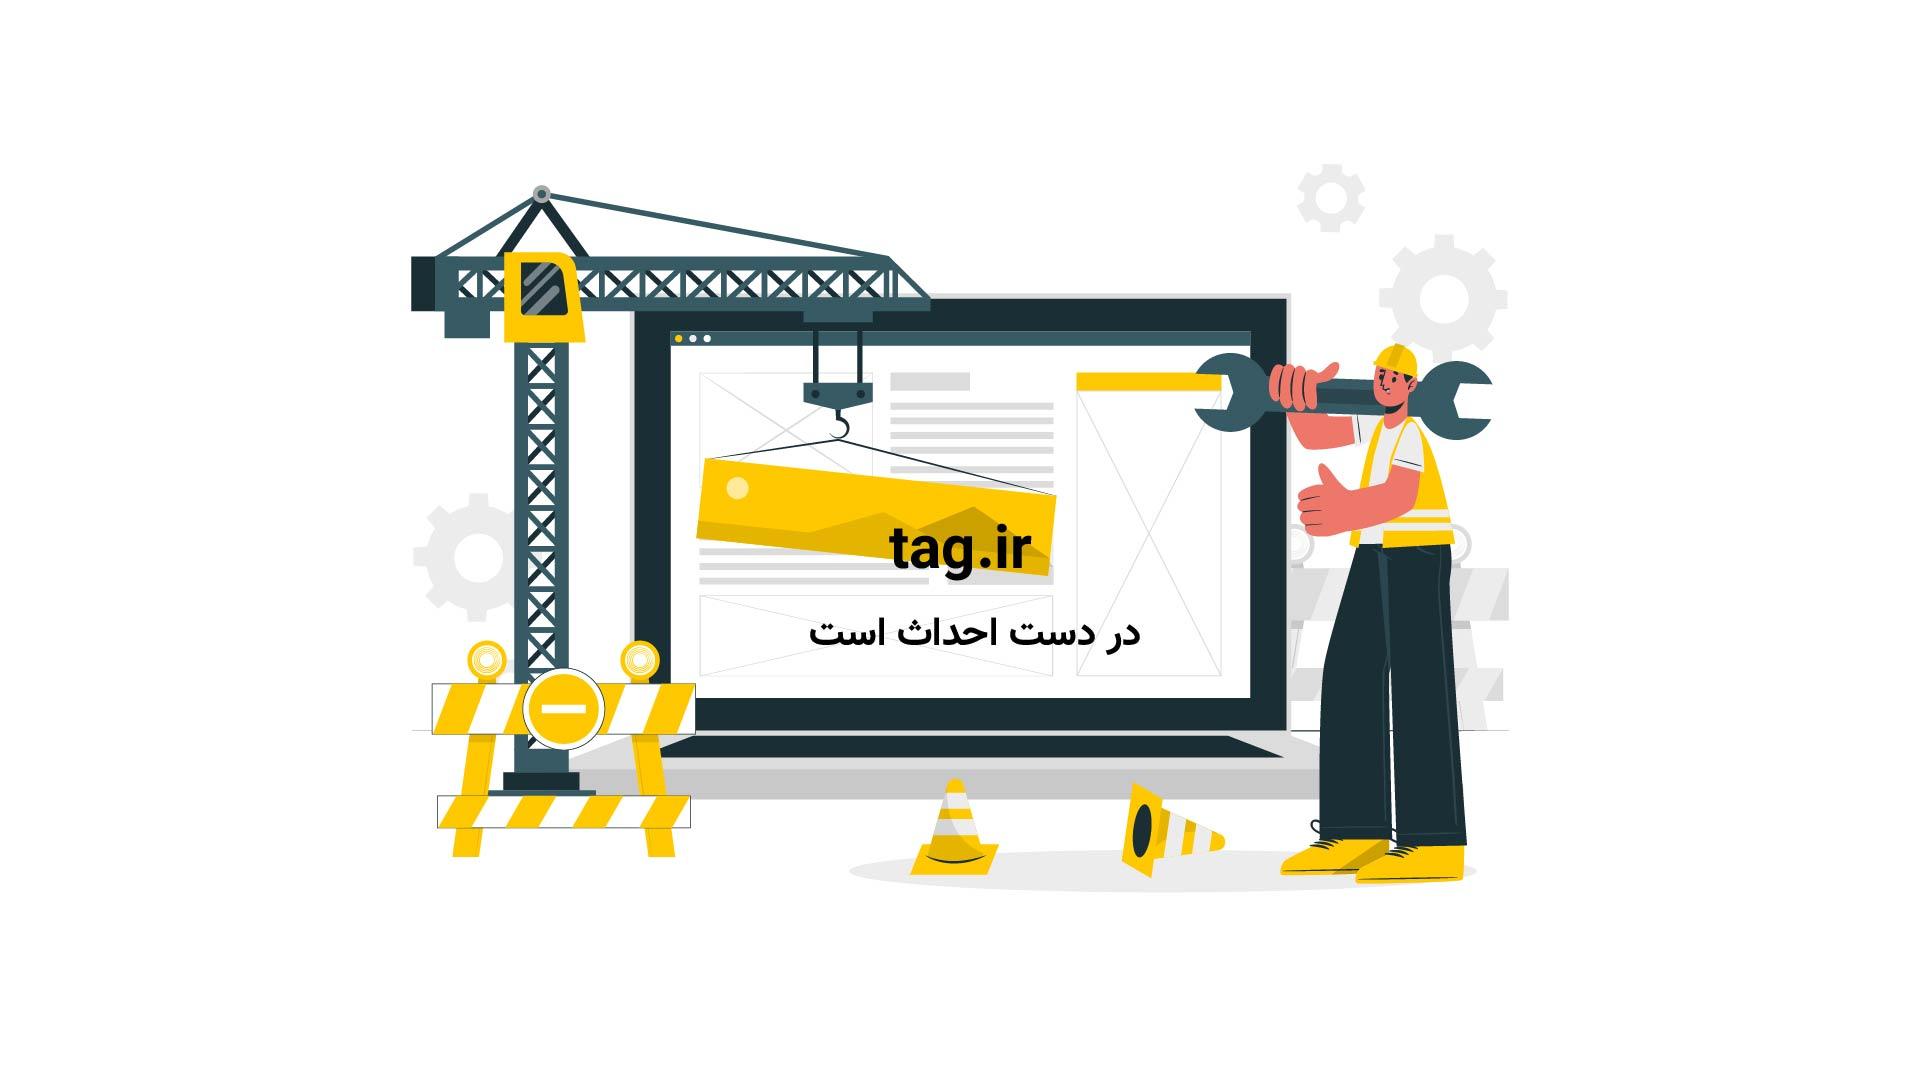 طراحی روباتهای زیر آبی خودسامان در تالابهای ونیز | فیلم